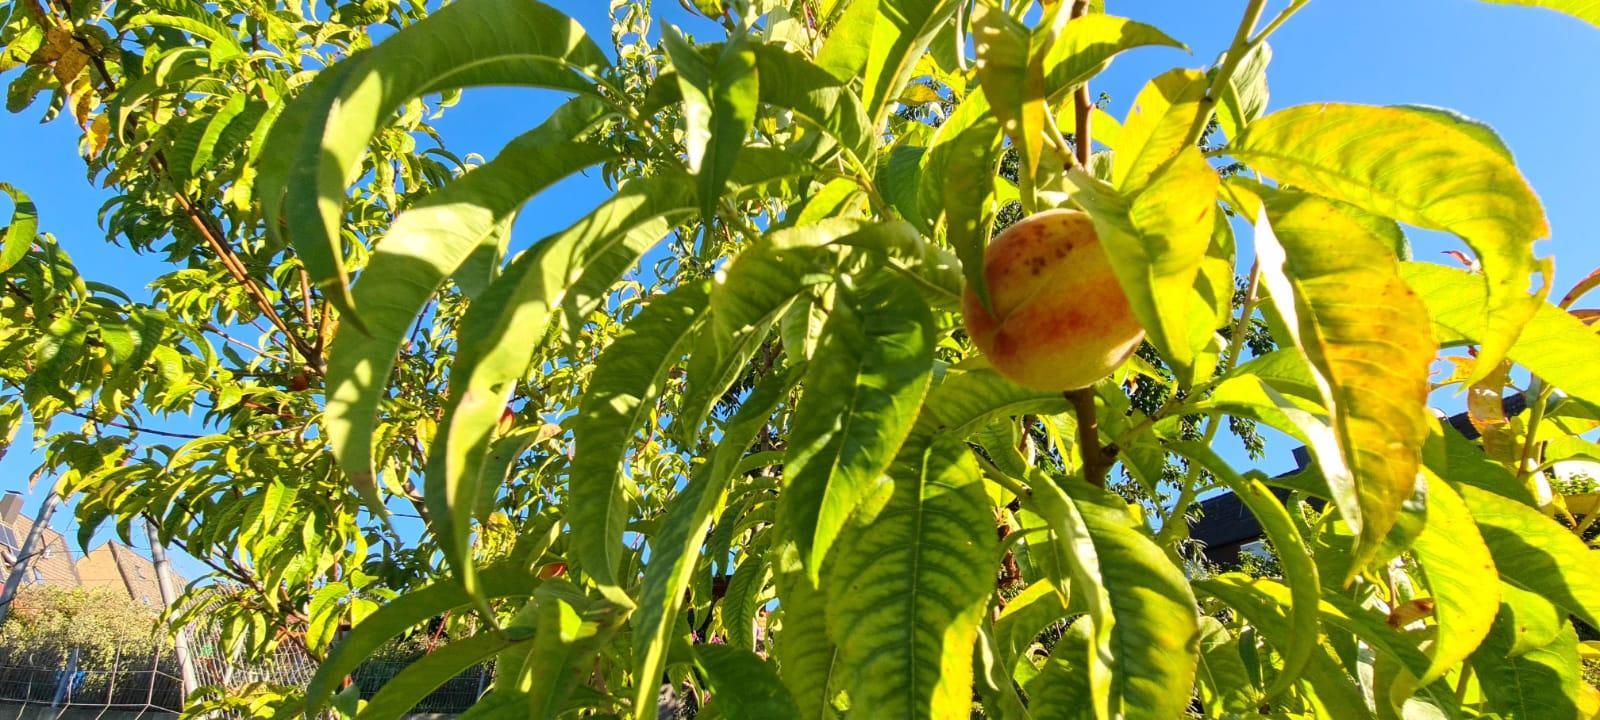 Pfirsich im Baum